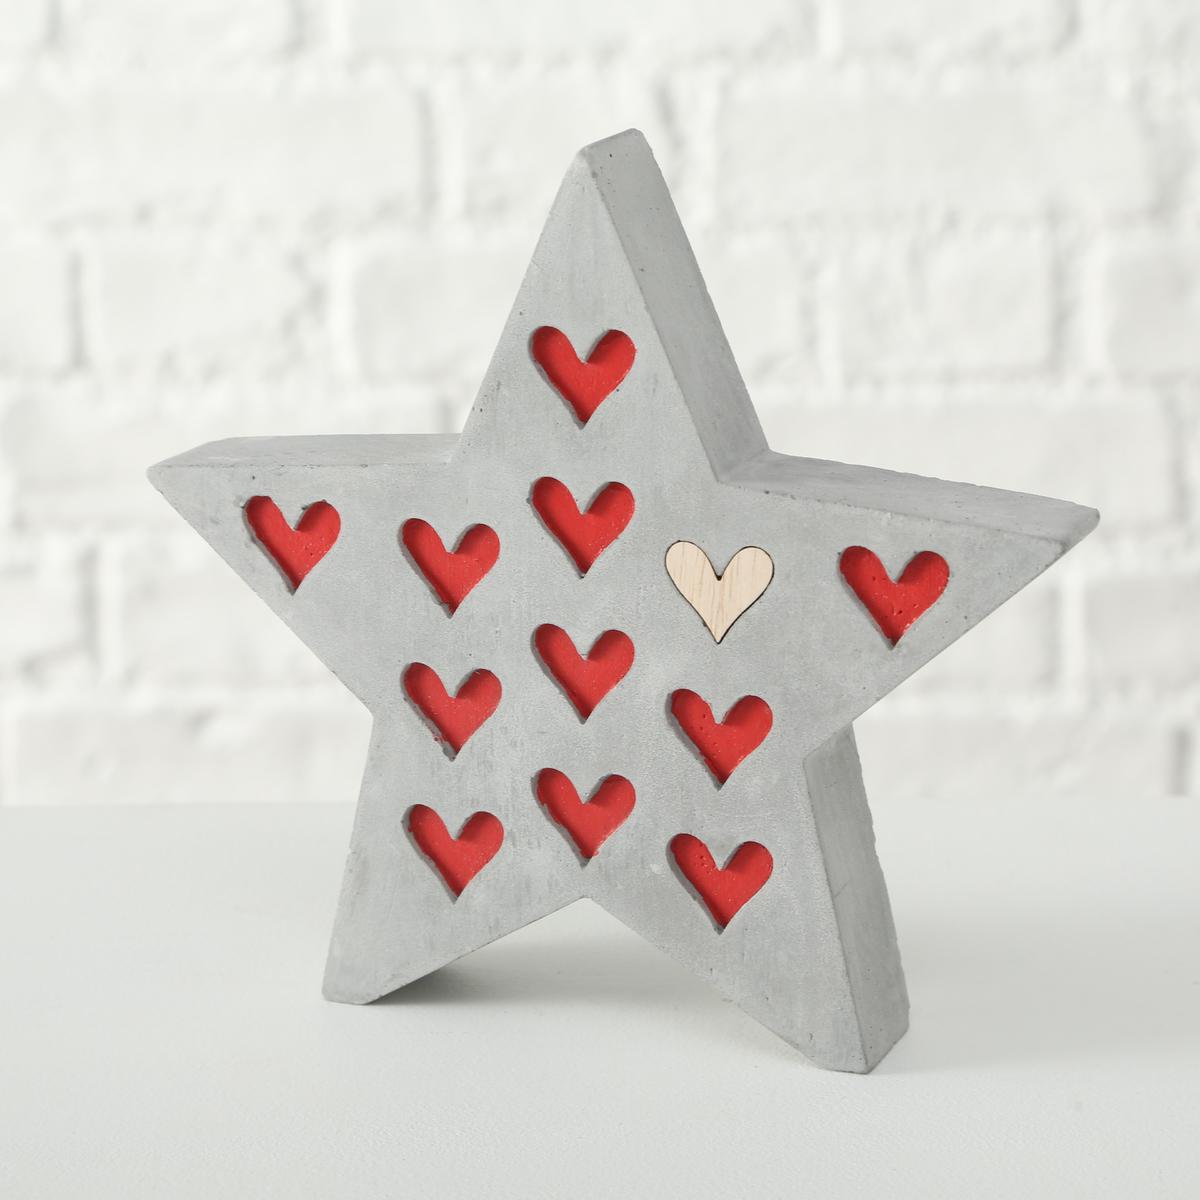 Dekorativní hvězda - Lola srdce bílé motiv